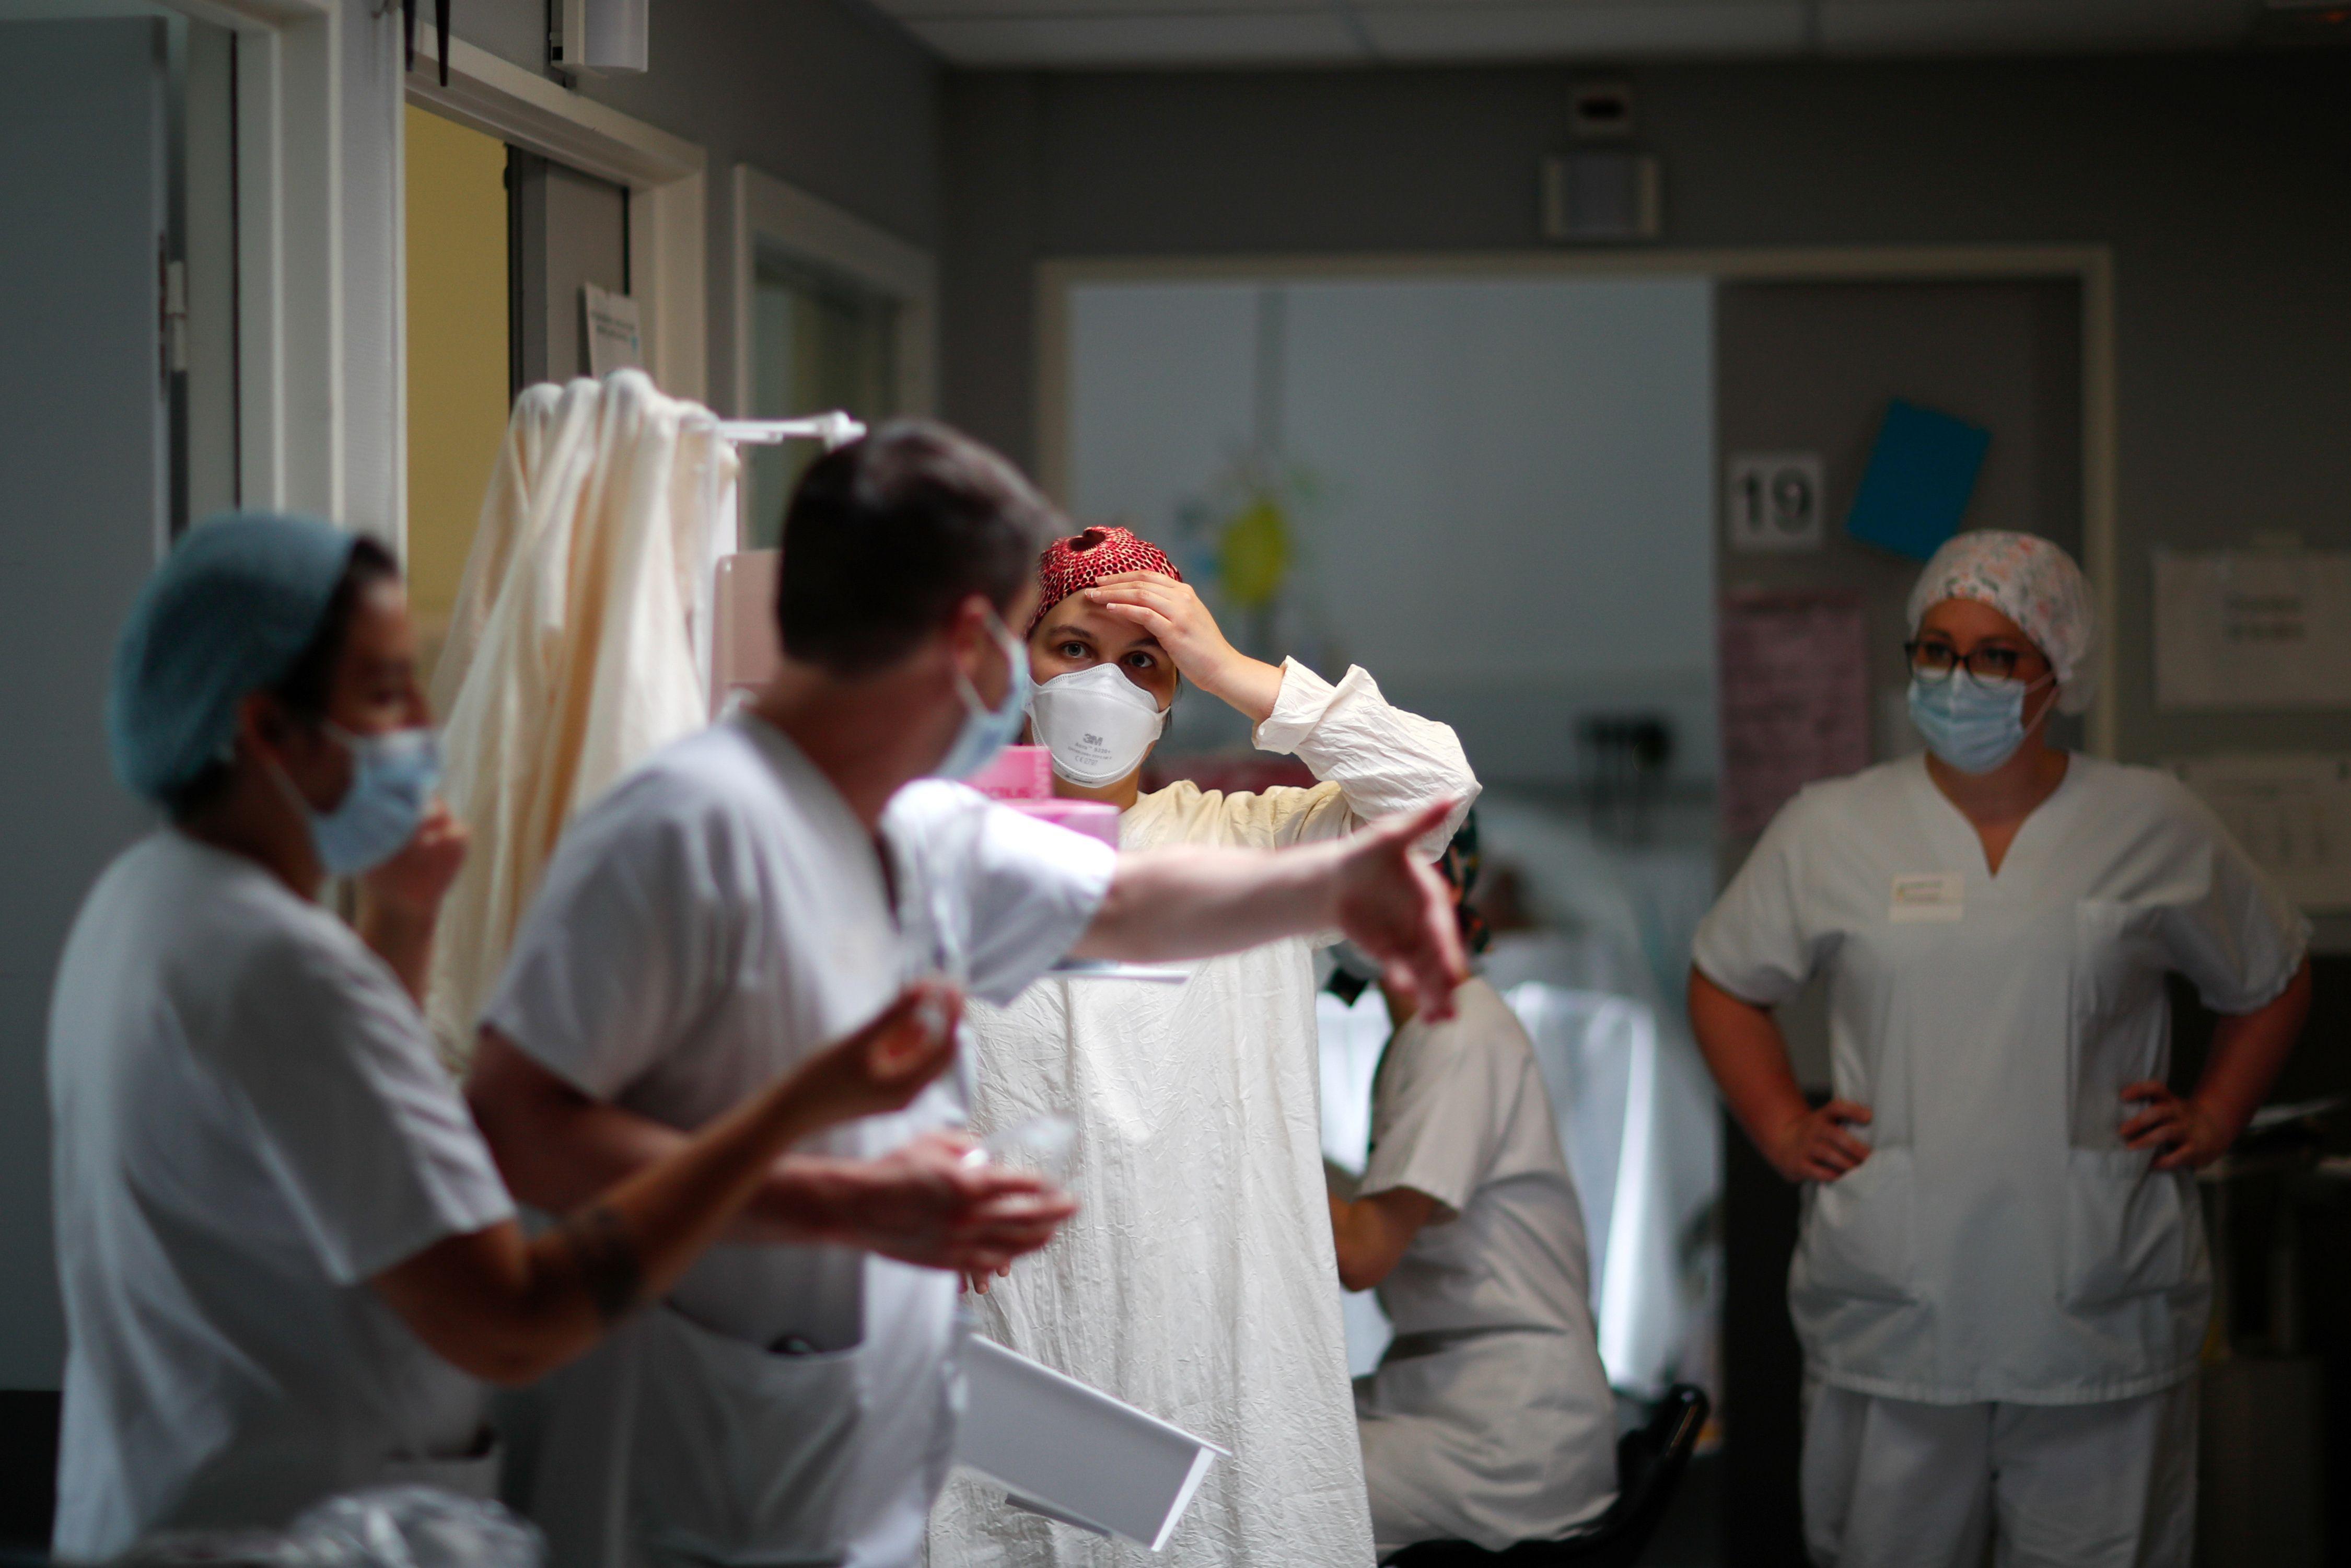 Un docteur et une interne à l'hôpital Robert Ballanger à Aulnay-sous-Bois, en Seine-Saint-Denis,...